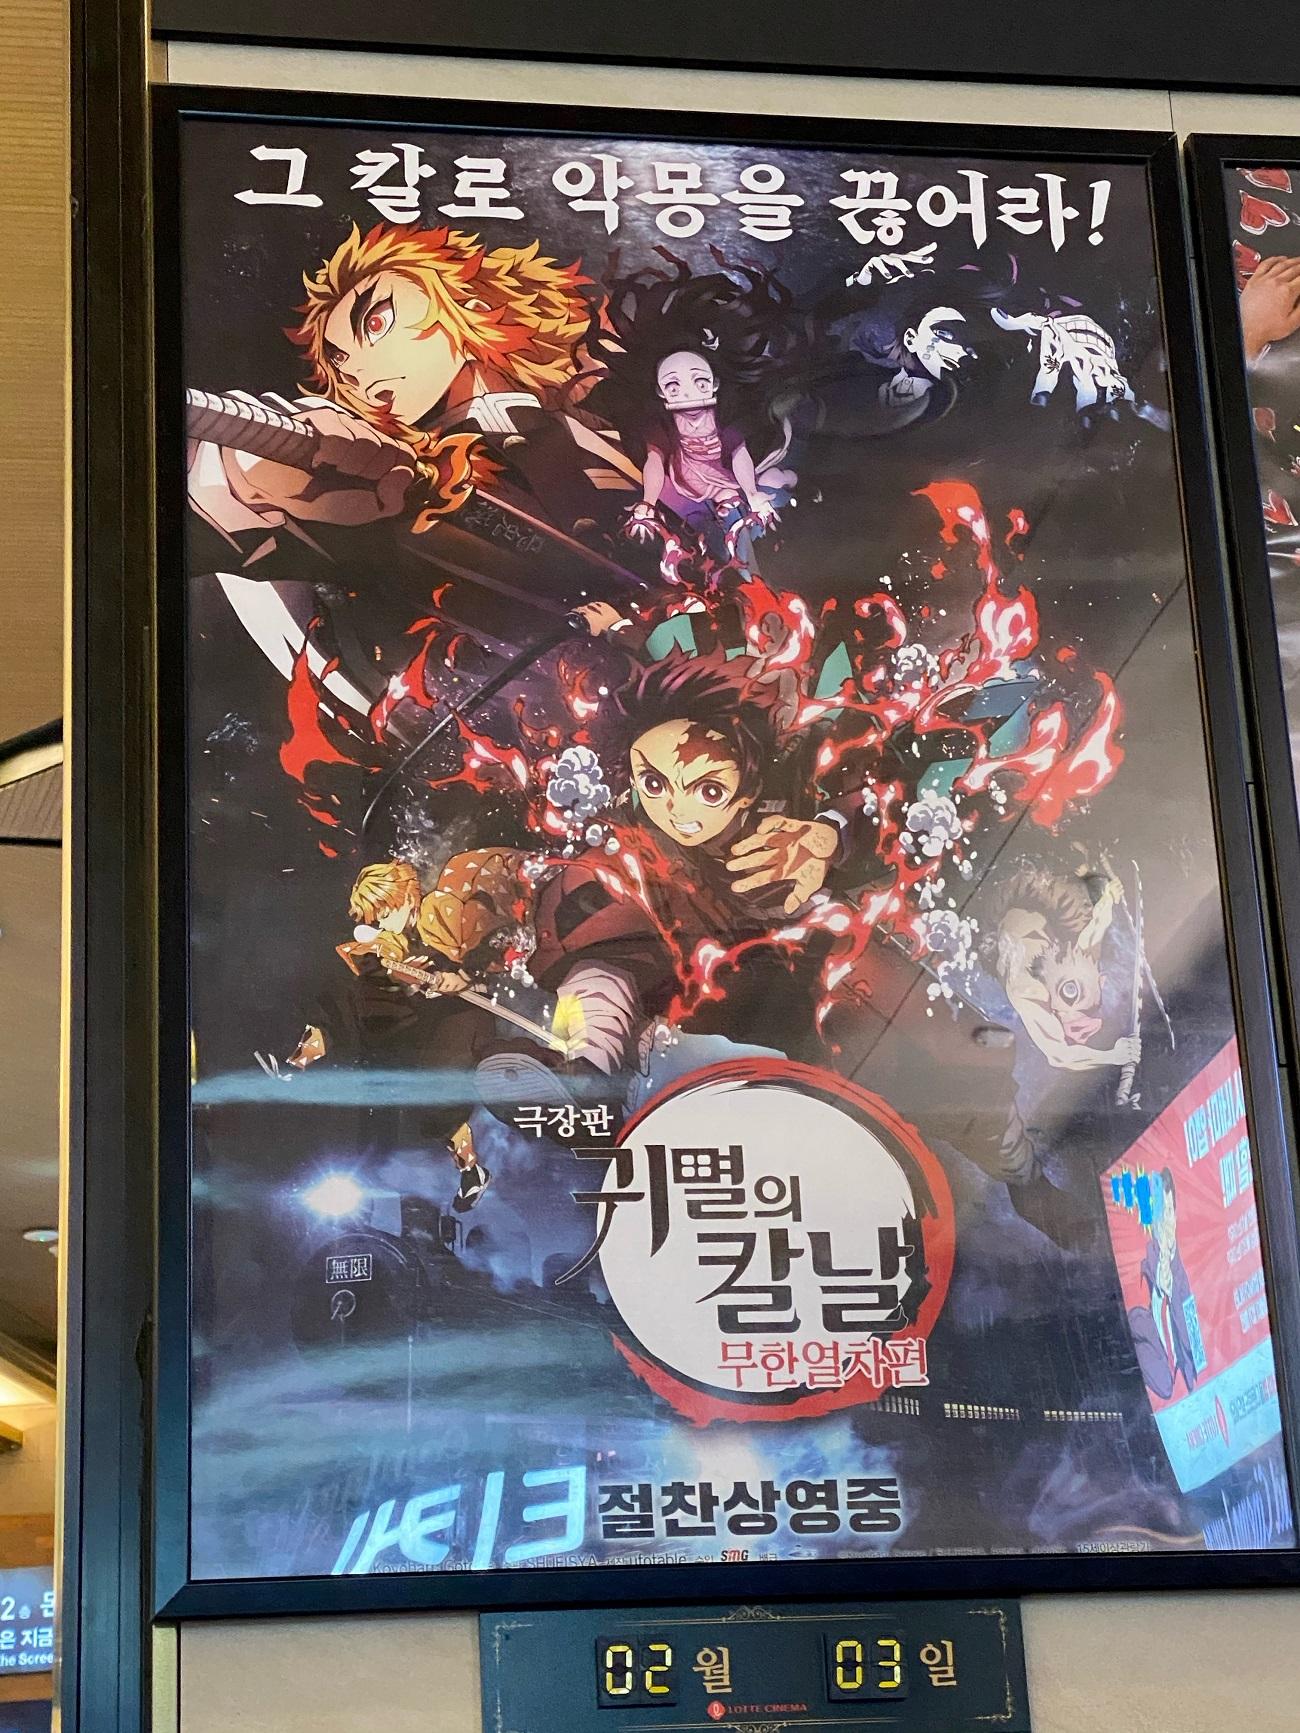 写真・図版 : 韓国の映画館に貼られた『鬼滅の刃』のポスター=撮影・筆者